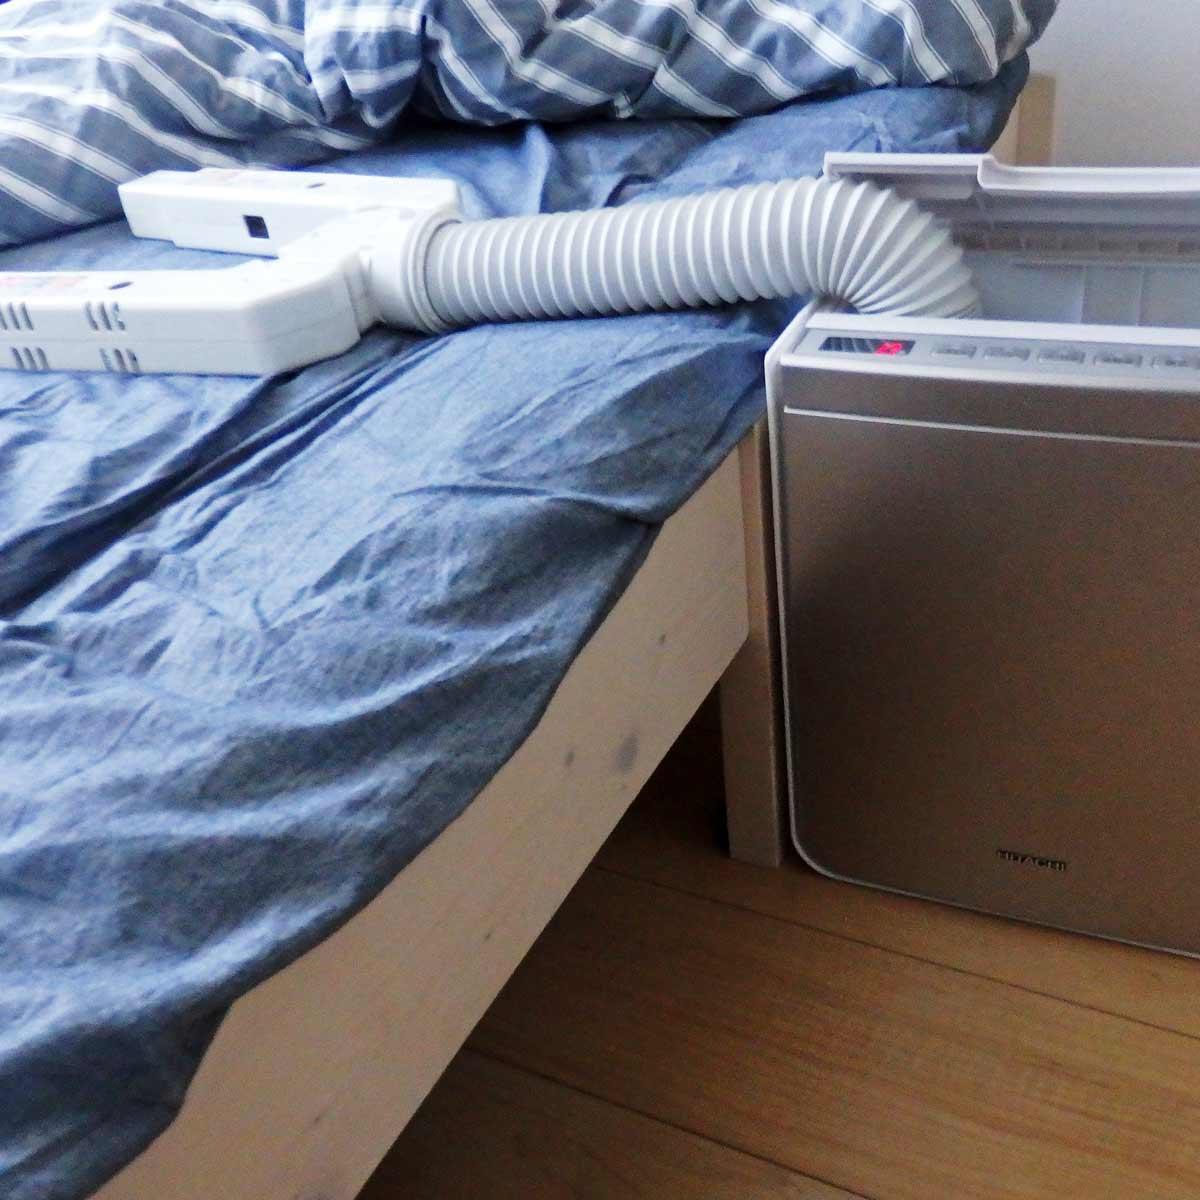 13か所から温風を放出する日立の布団乾燥機「アッとドライ」は、やっぱり超優秀!